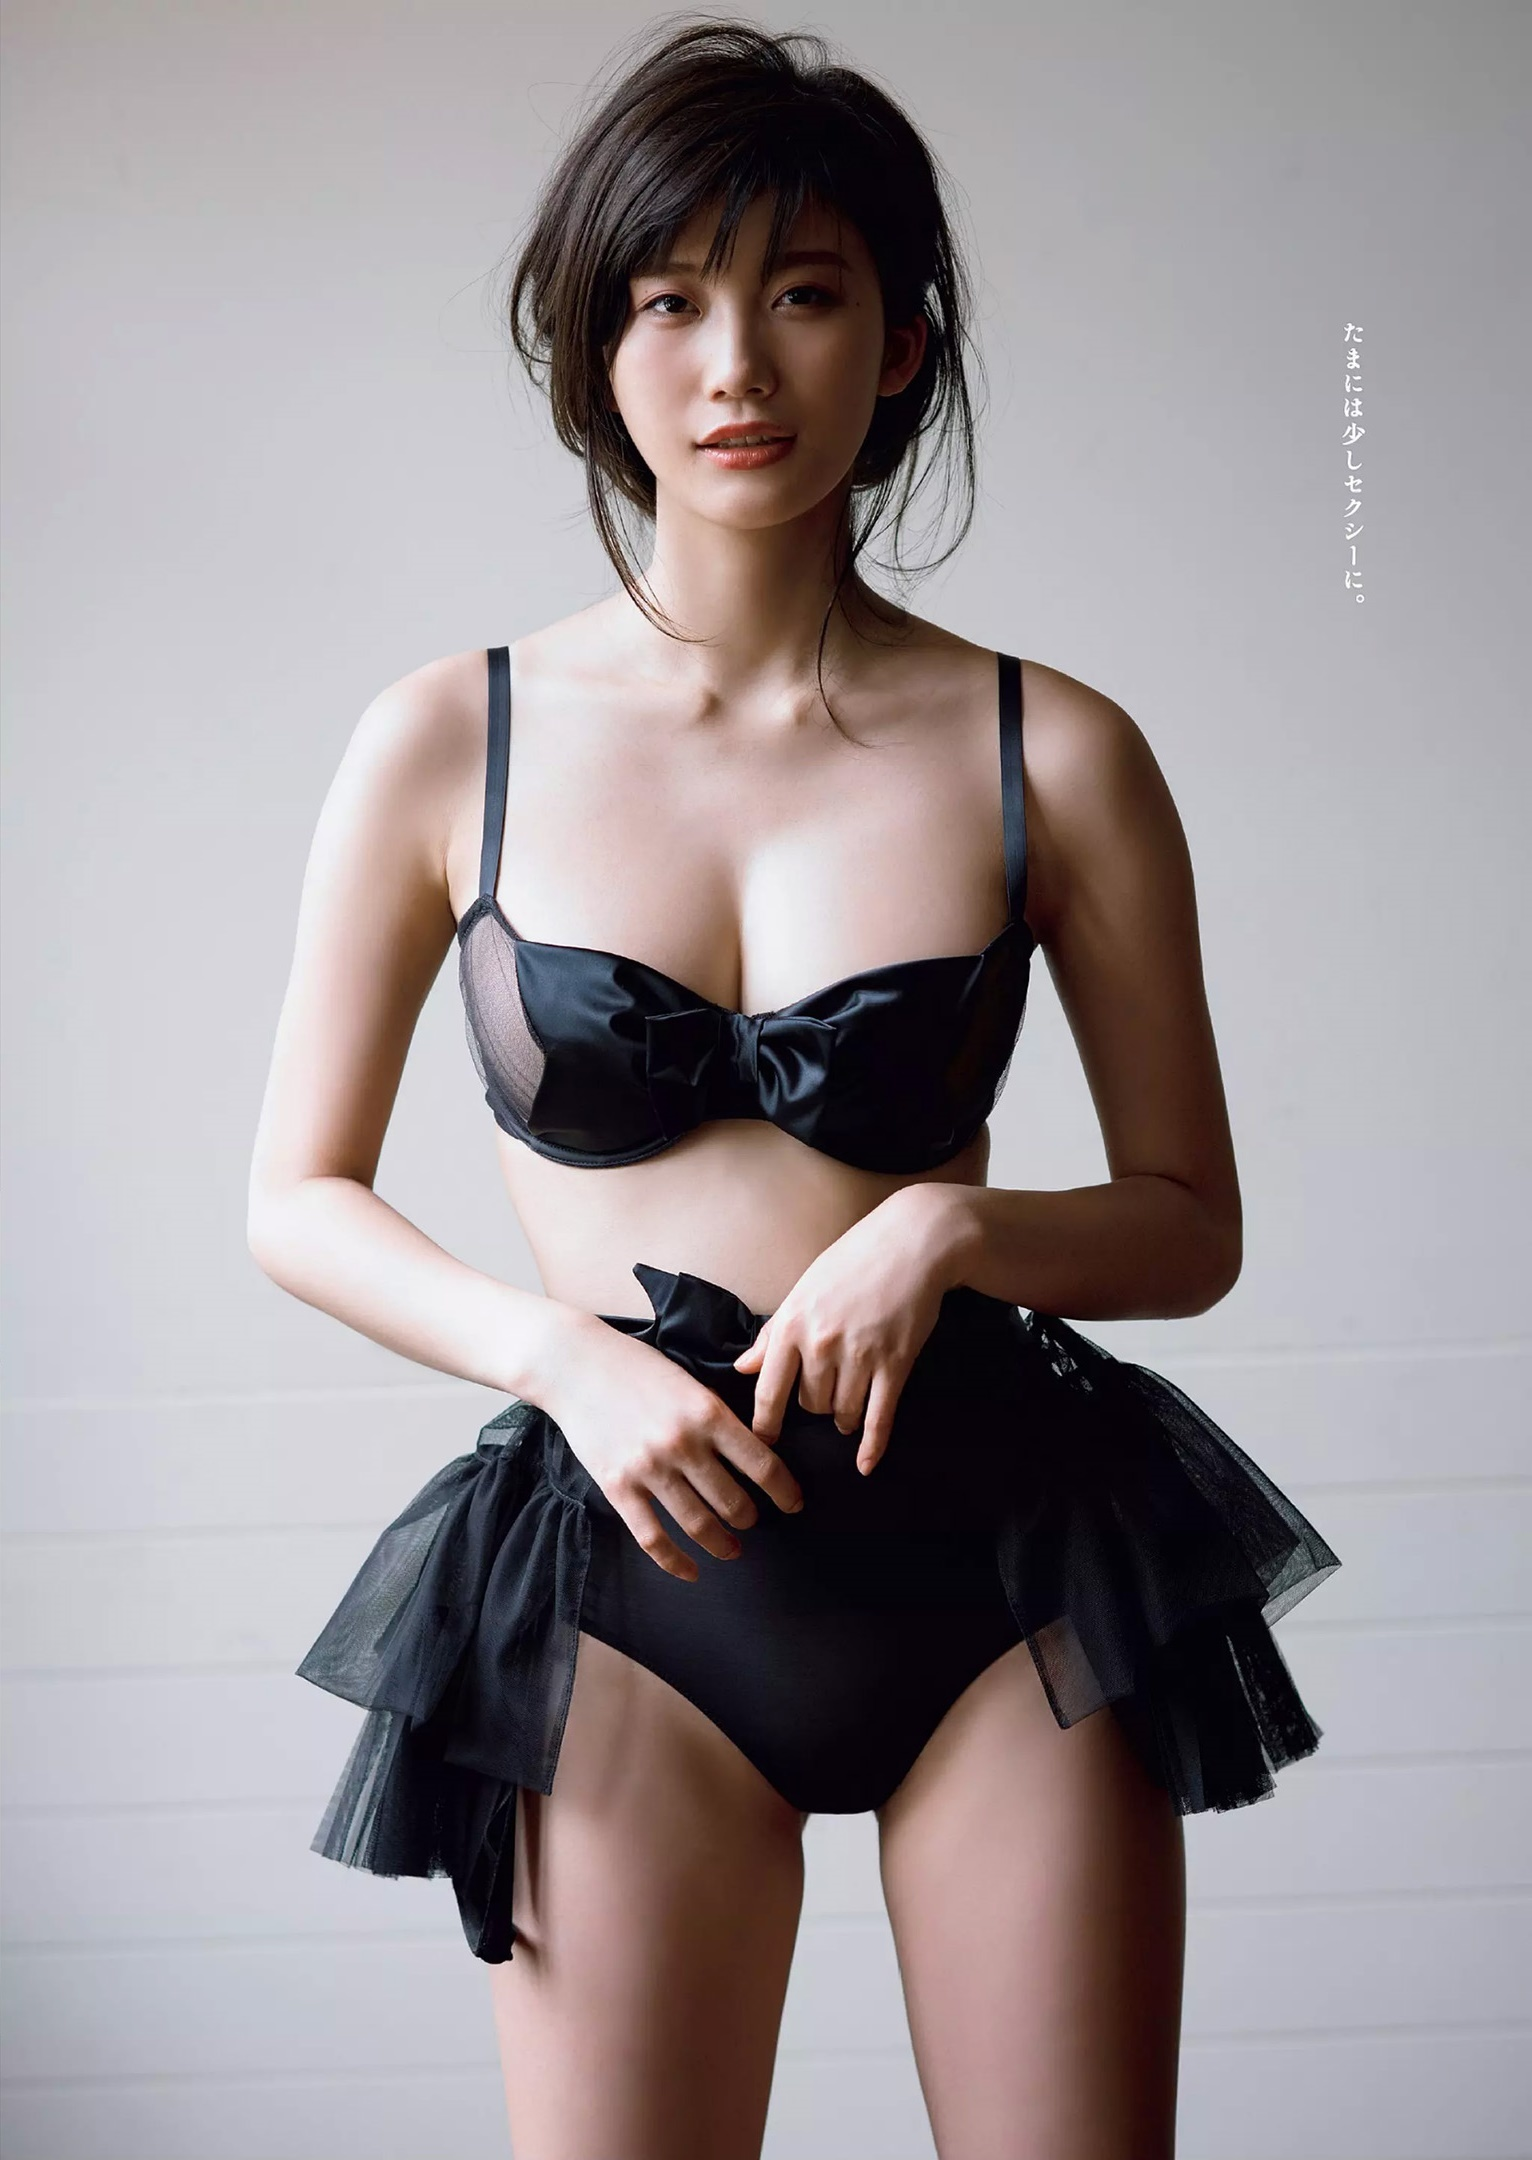 ogura_yuuka165.jpg